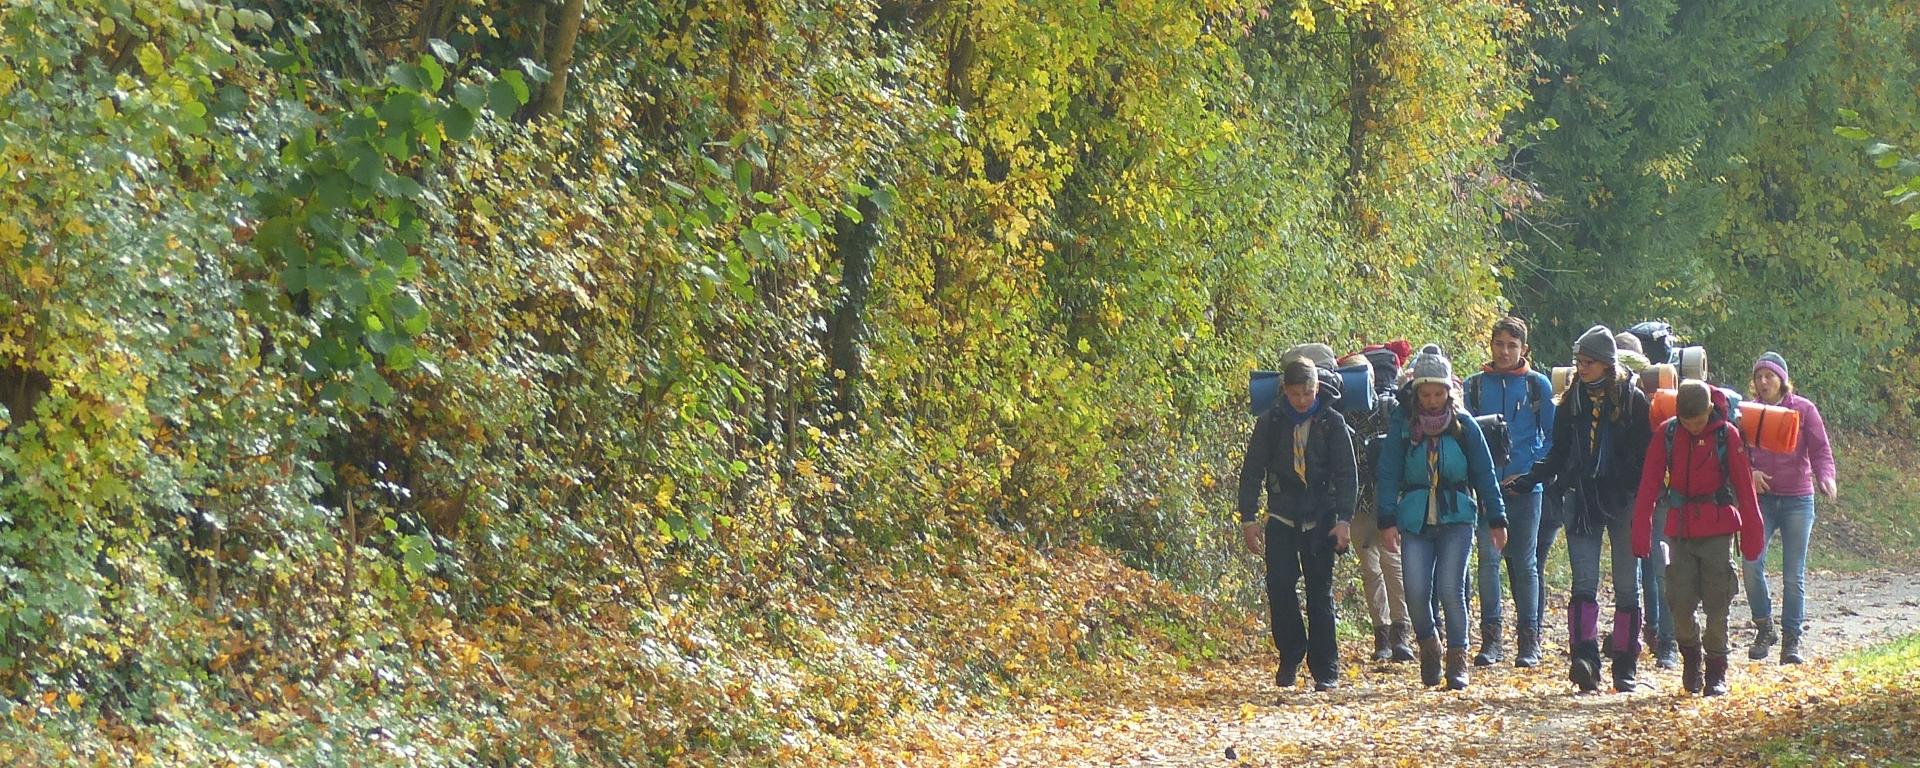 Pfadfinder unterwegs im Herbst auf einem Hajk